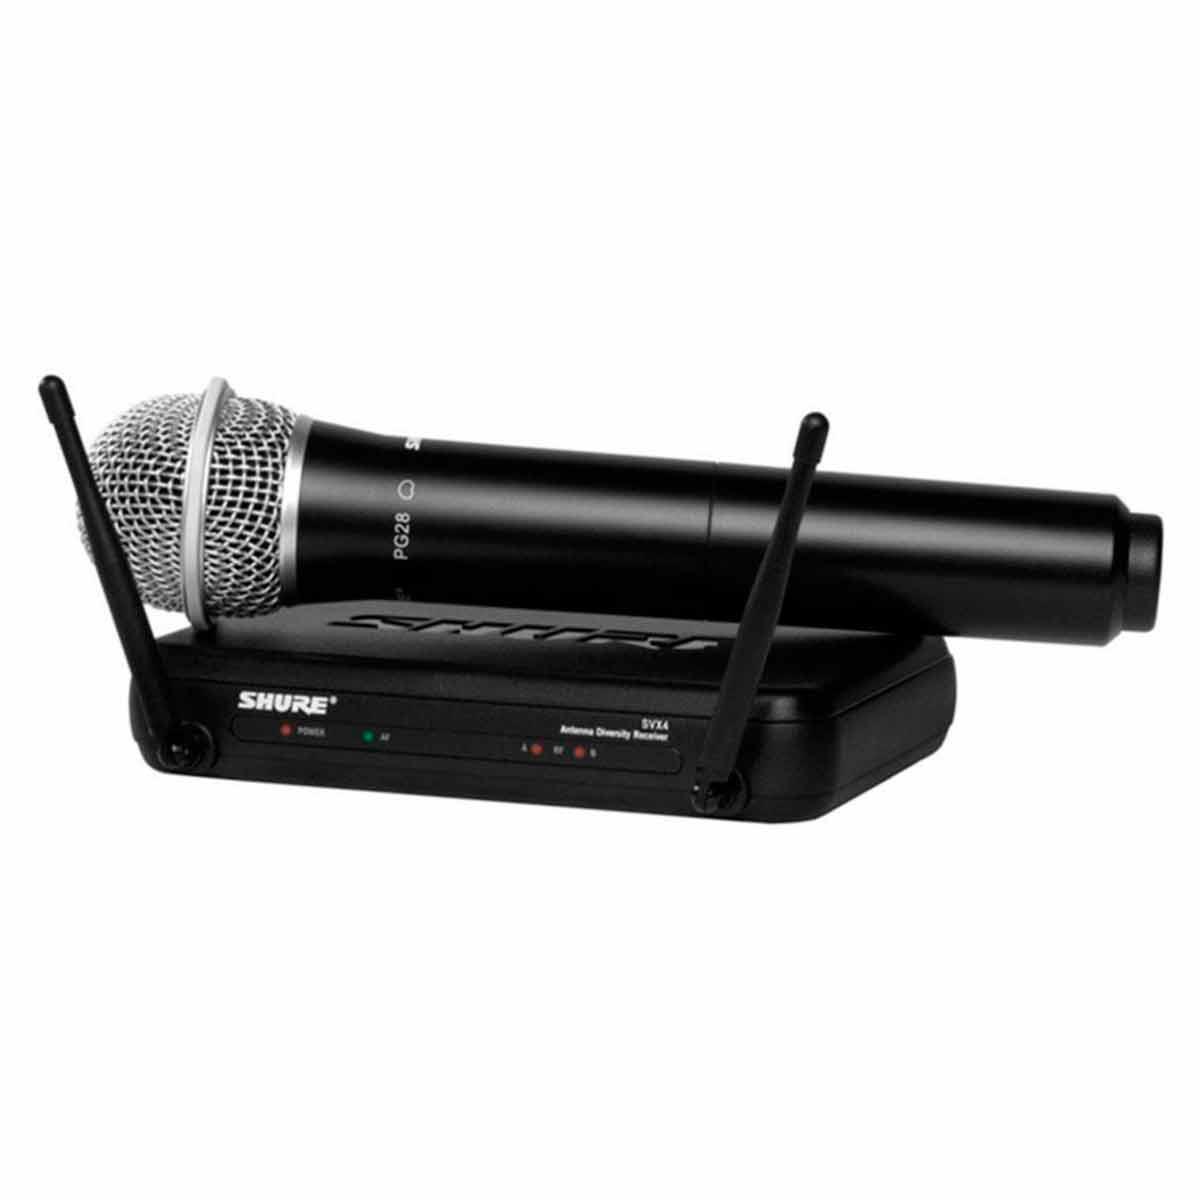 SVX24BRPG28 - Microfone s/ Fio de M�o SVX 24BR PG28 - Shure